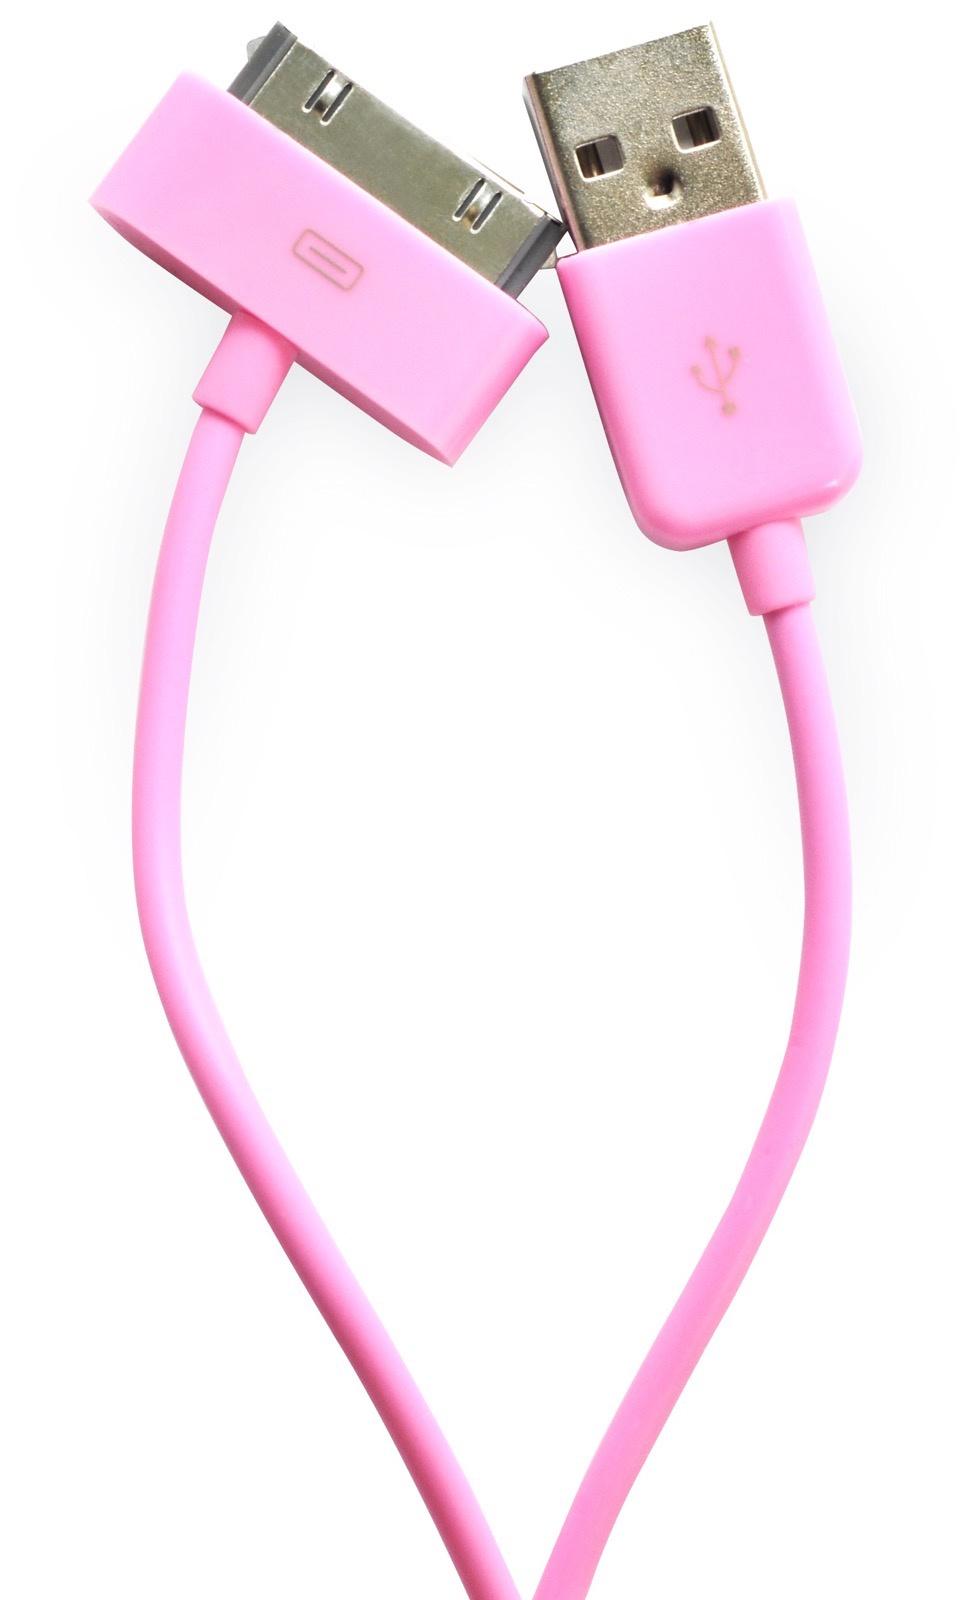 Кабель Gurdini 30- pin 70 см rose для Apple iPhone, iPad, iPod, розовый кабель hama 30 pin apple usb 2 0 черный 1м для apple iphone 3g 3gs 4 4s 00093577